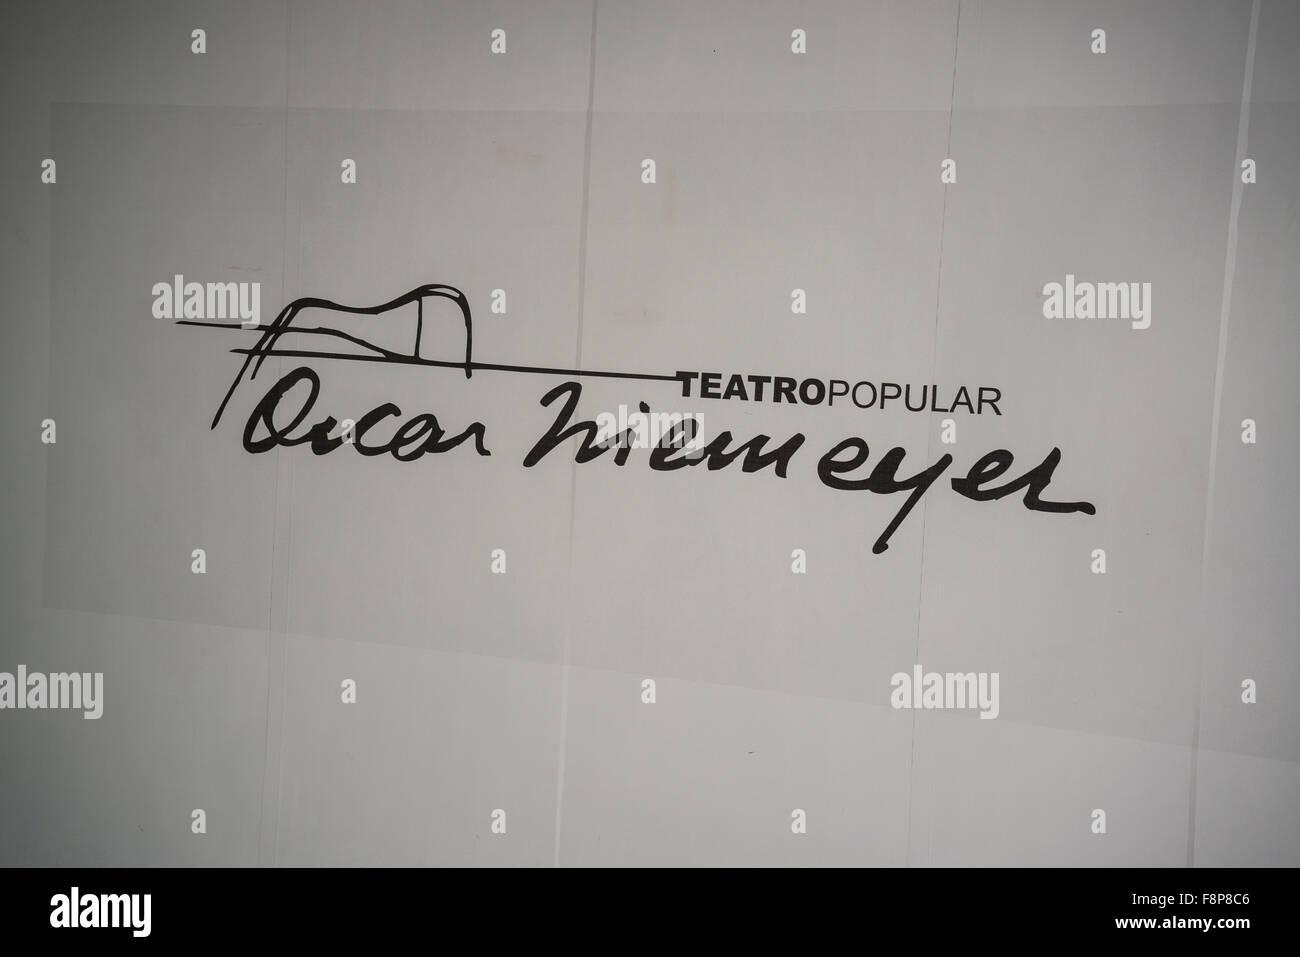 Beliebte Theater von Niteroi, Niemeyer Weg Kulturzentrum, Unterschrift, Niteroi, Rio De Janeiro, Brasilien Stockbild